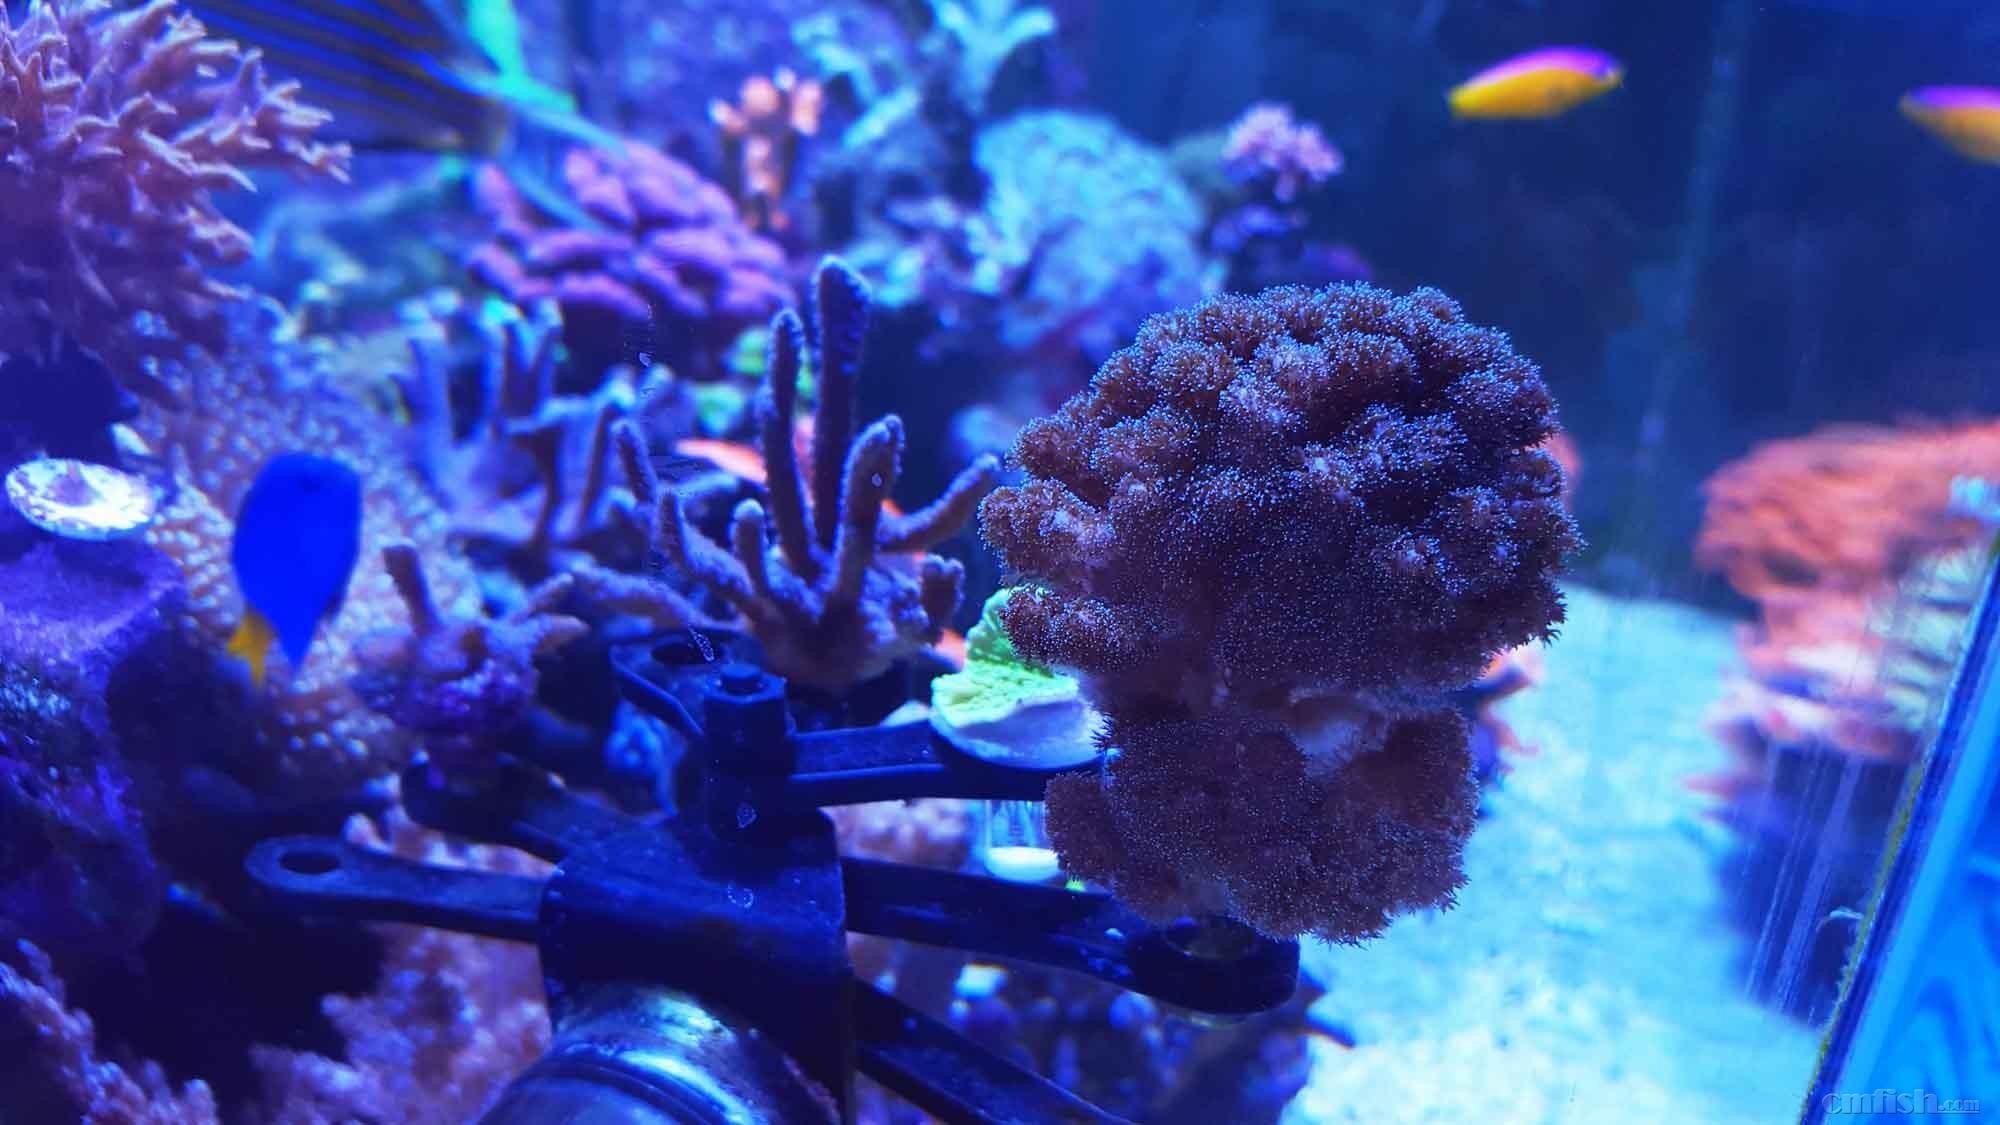 壁纸 海底 海底世界 海洋馆 水族馆 桌面 2000_1125